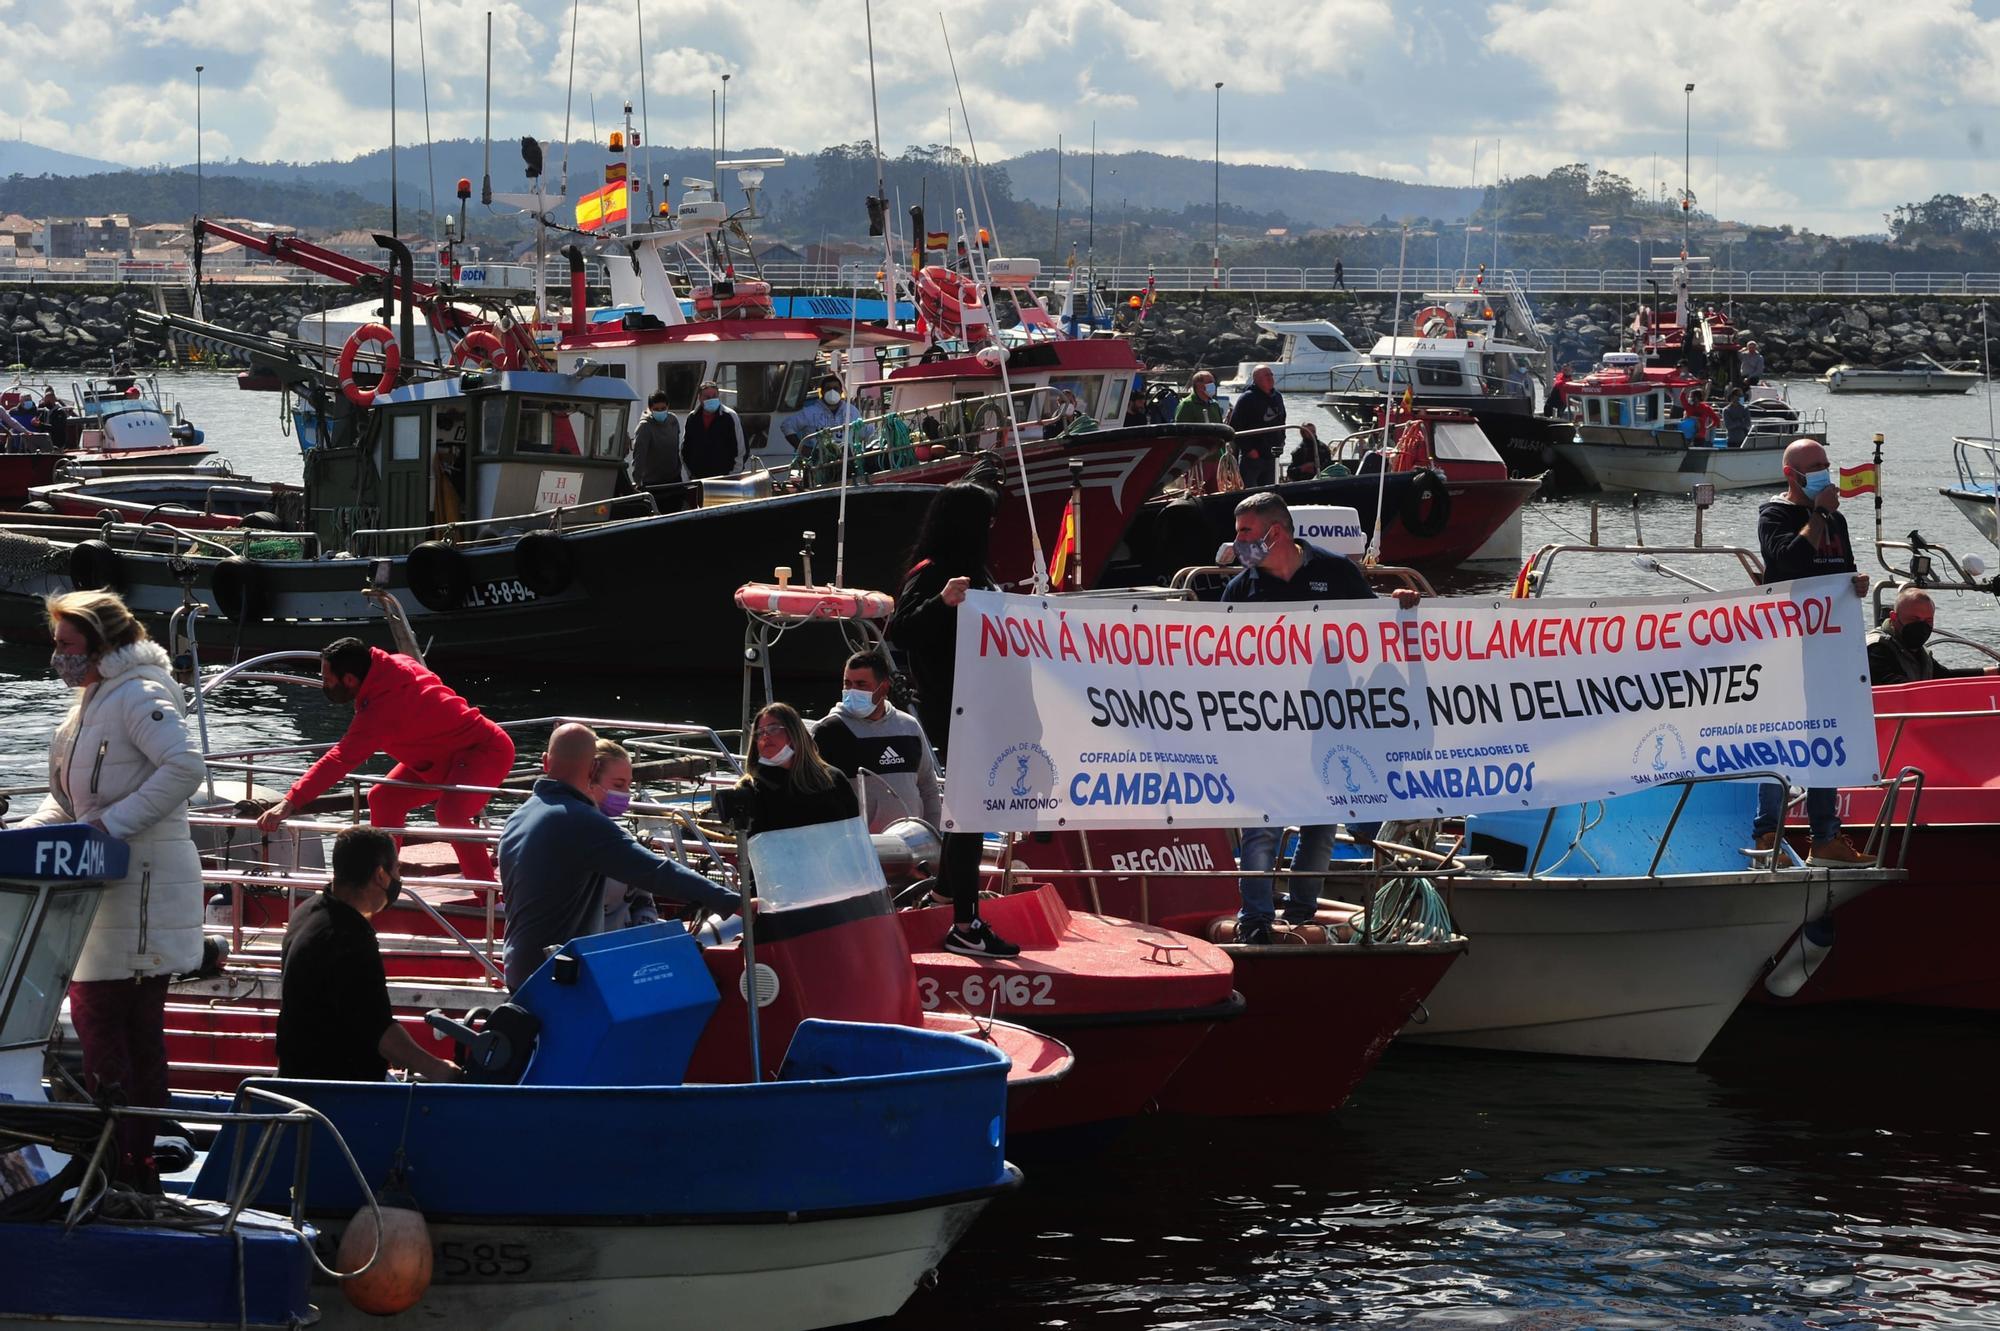 La protesta desarrollada por la flota de Cambados contra el reglamento de la UE, ayer.    Iñaki Abella (10)-min.jpg